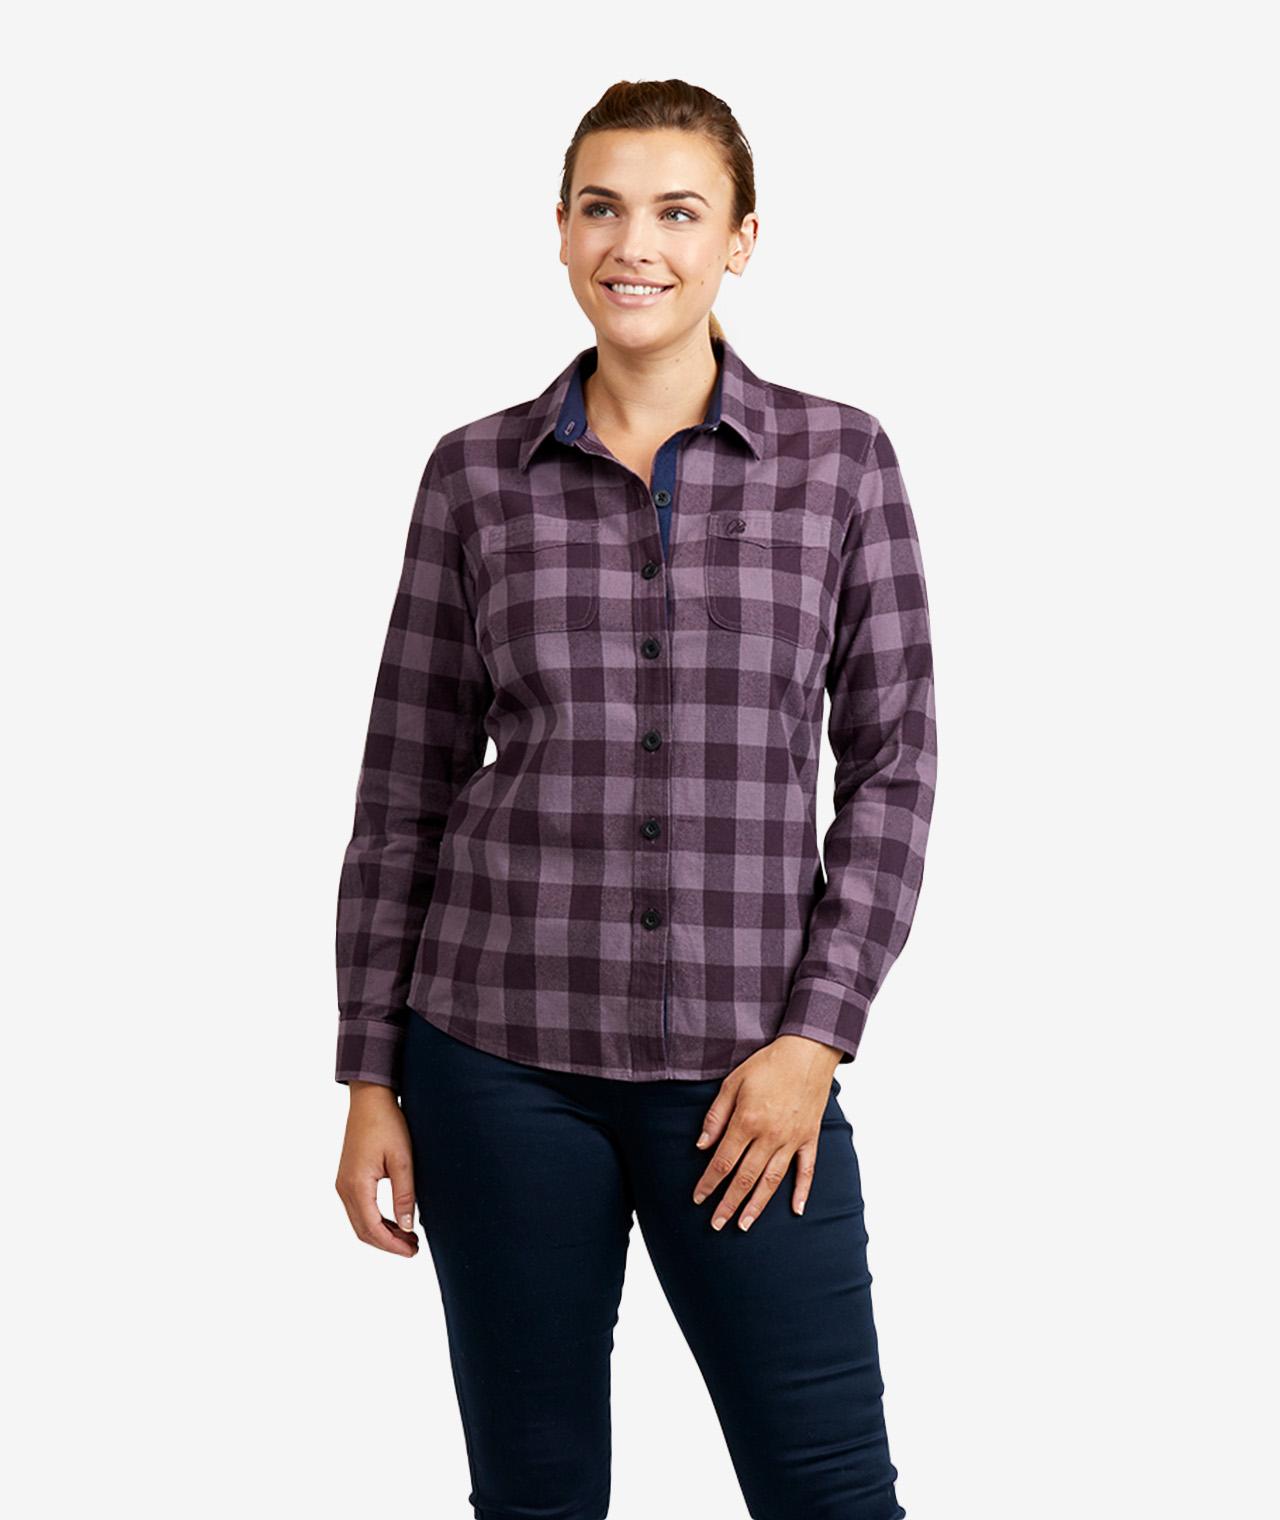 Swanndri Women's Taranaki Tailor 100% Cotton Long Sleeve Shirt